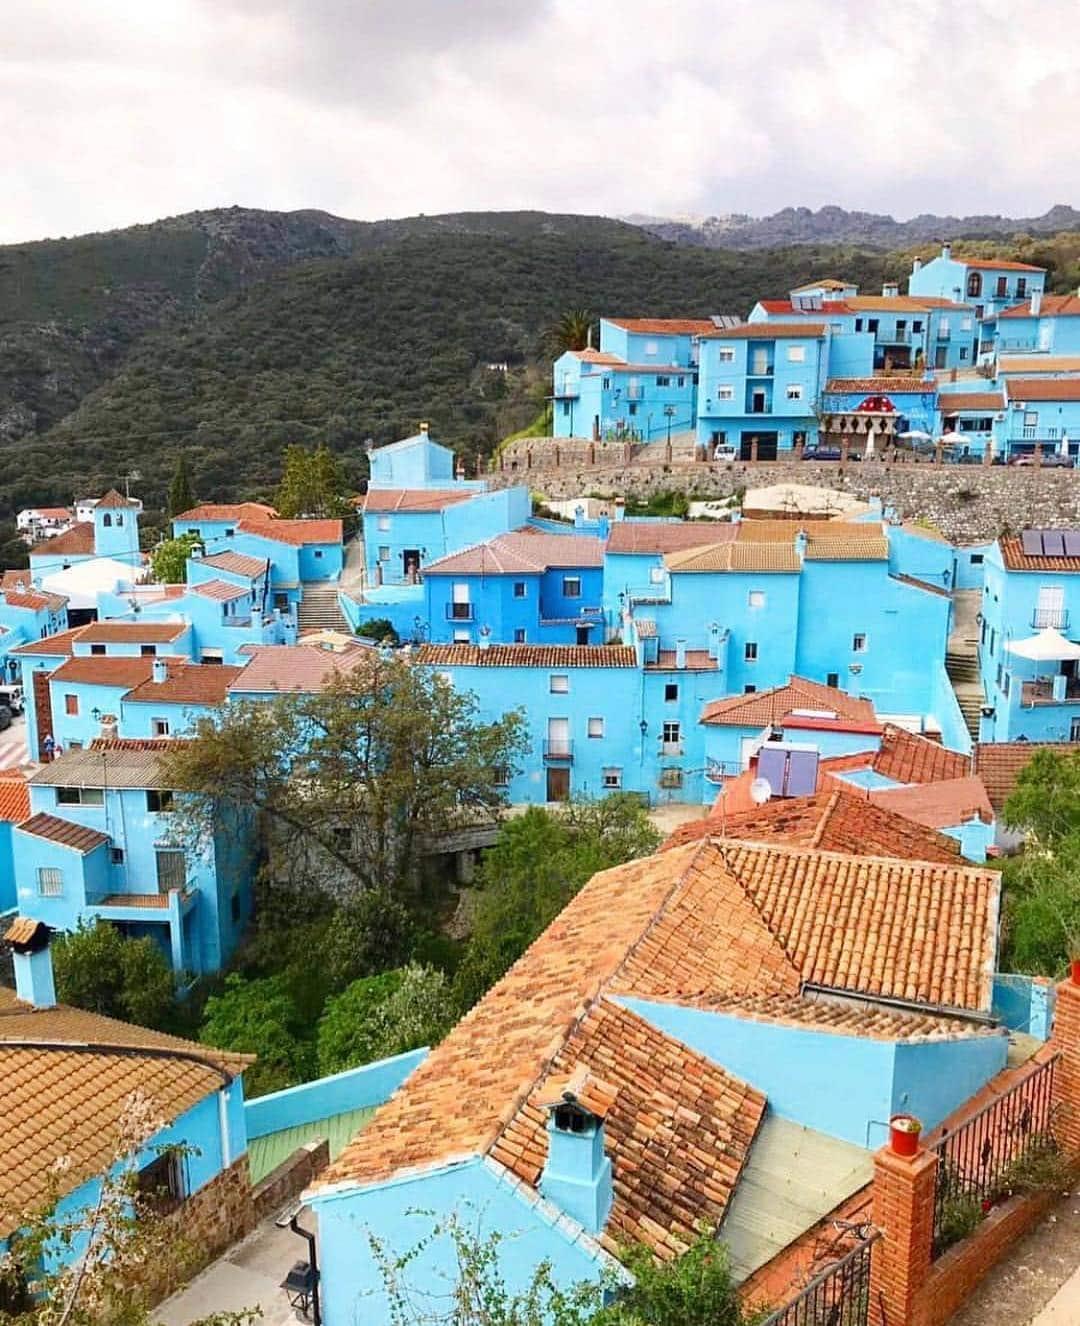 Vista de Júzcar y sus calles azules